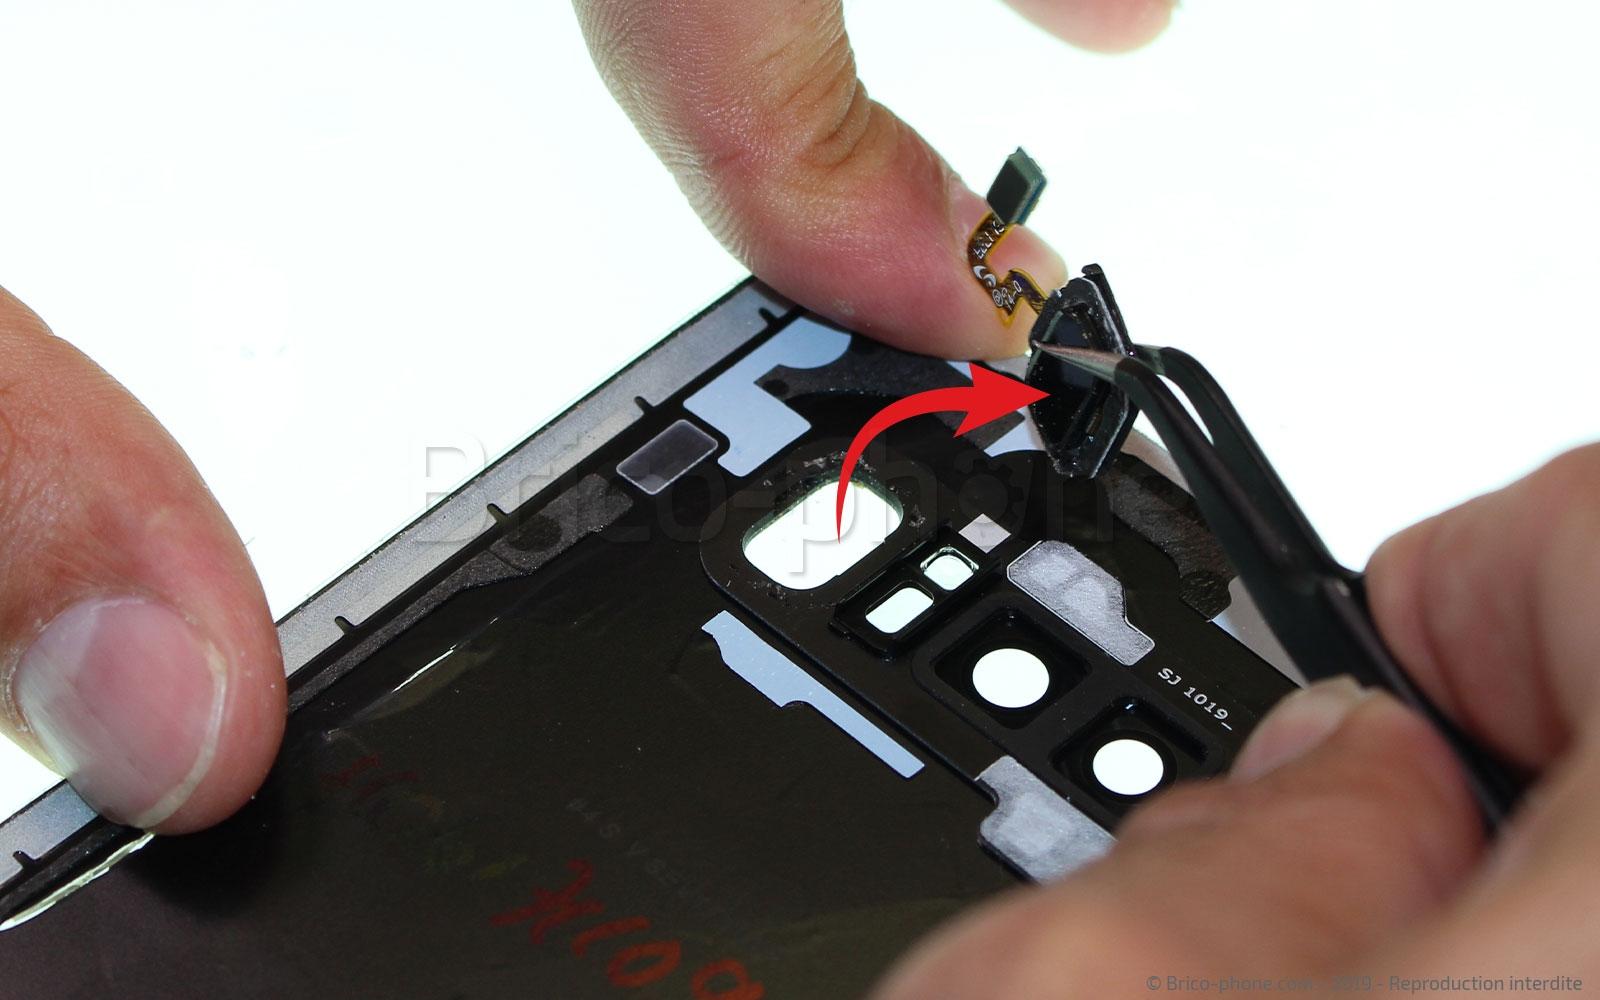 Etape 6 : Récupérer le scanner d'empreintes